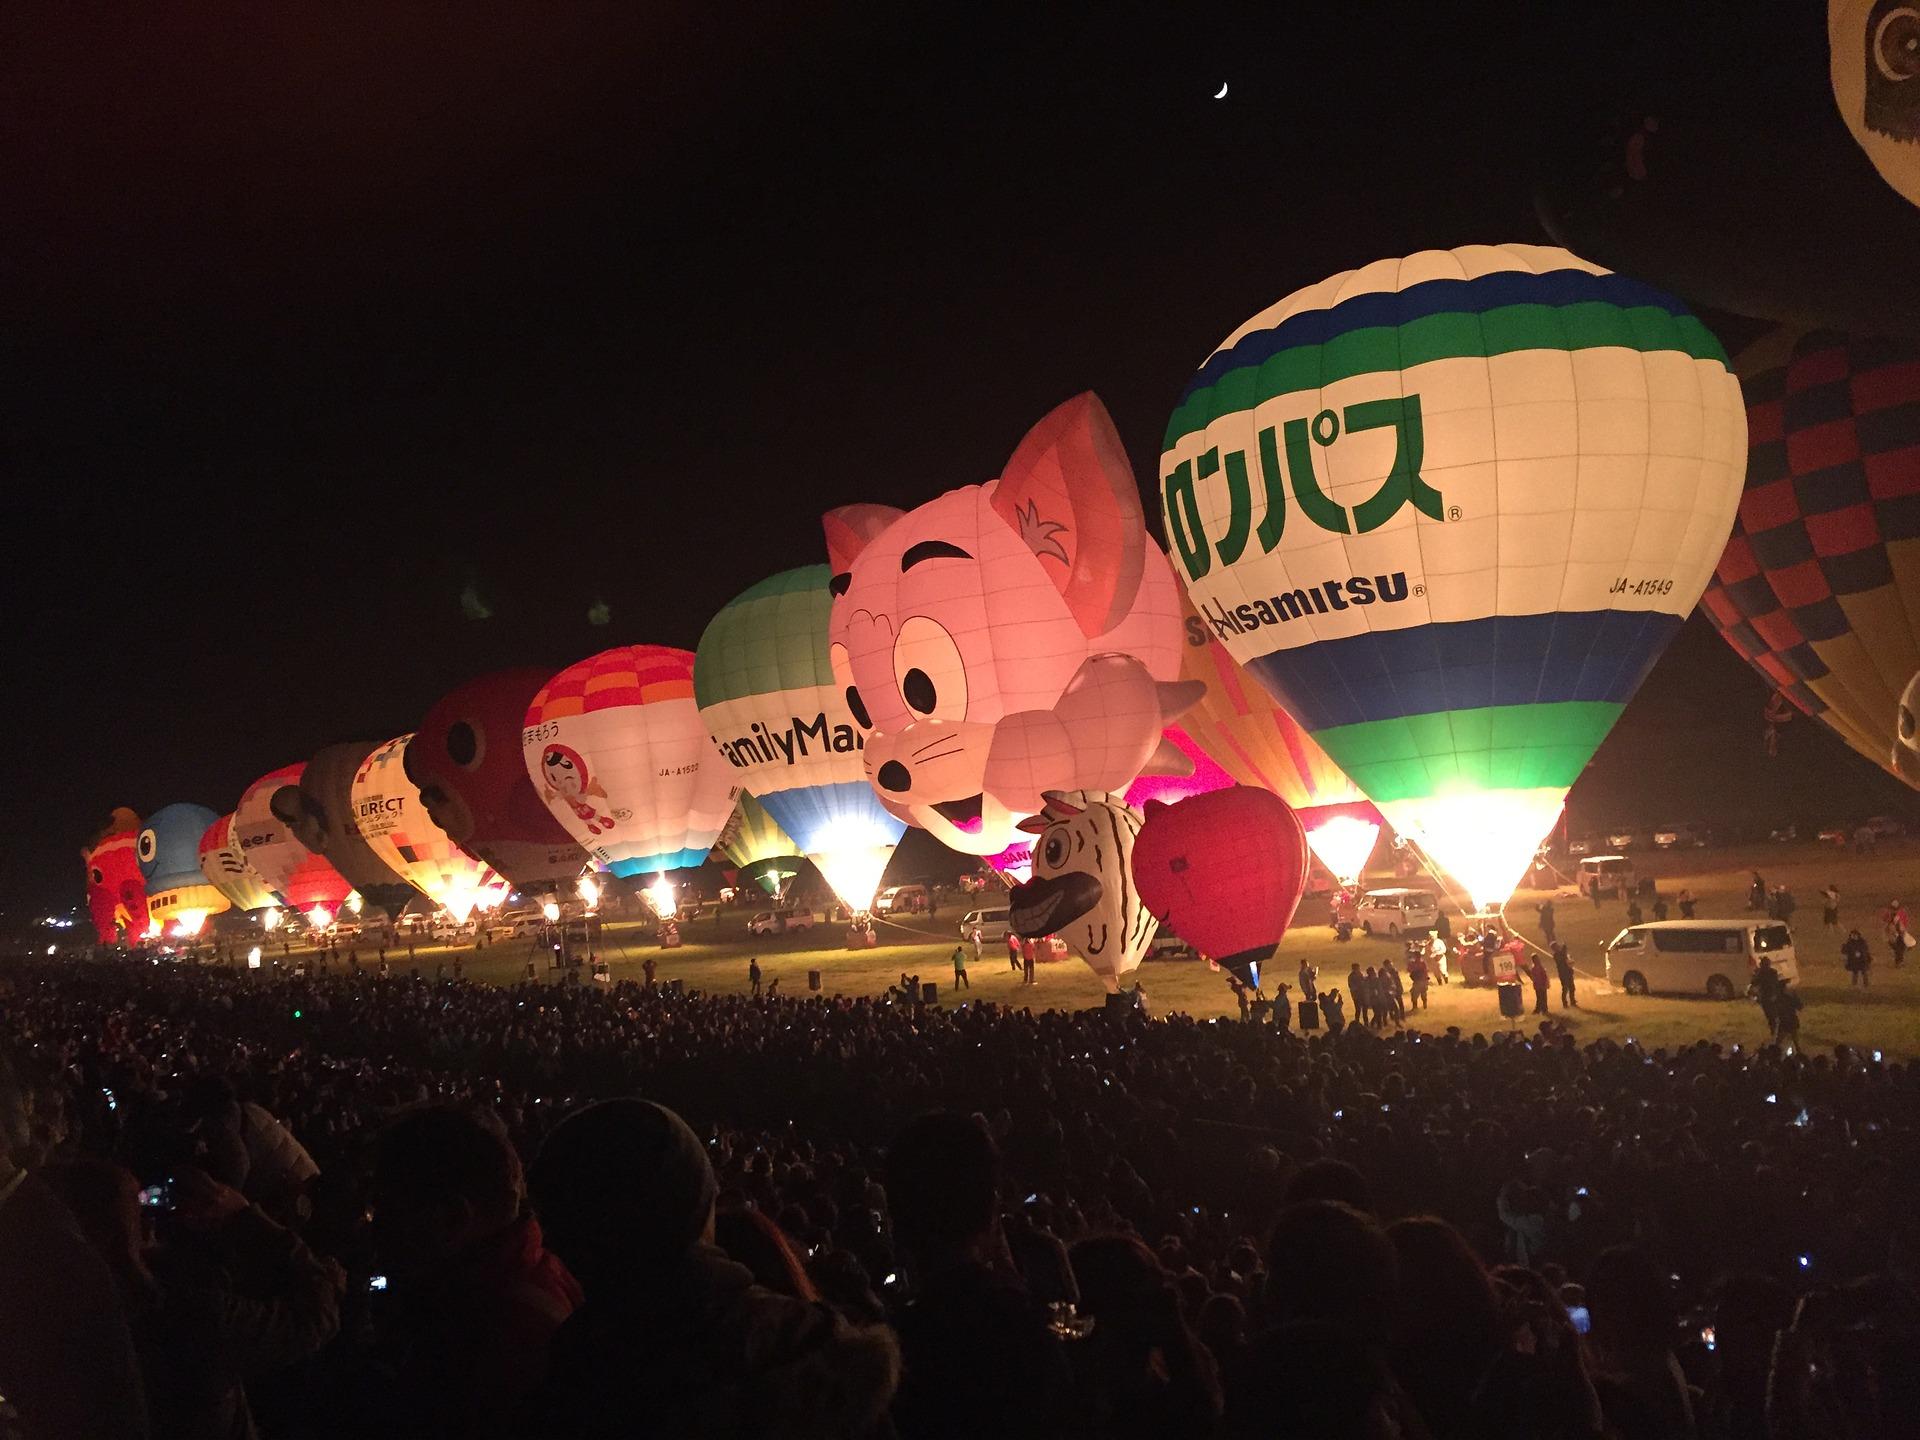 hot-air-balloon-2329229_1920.jpg